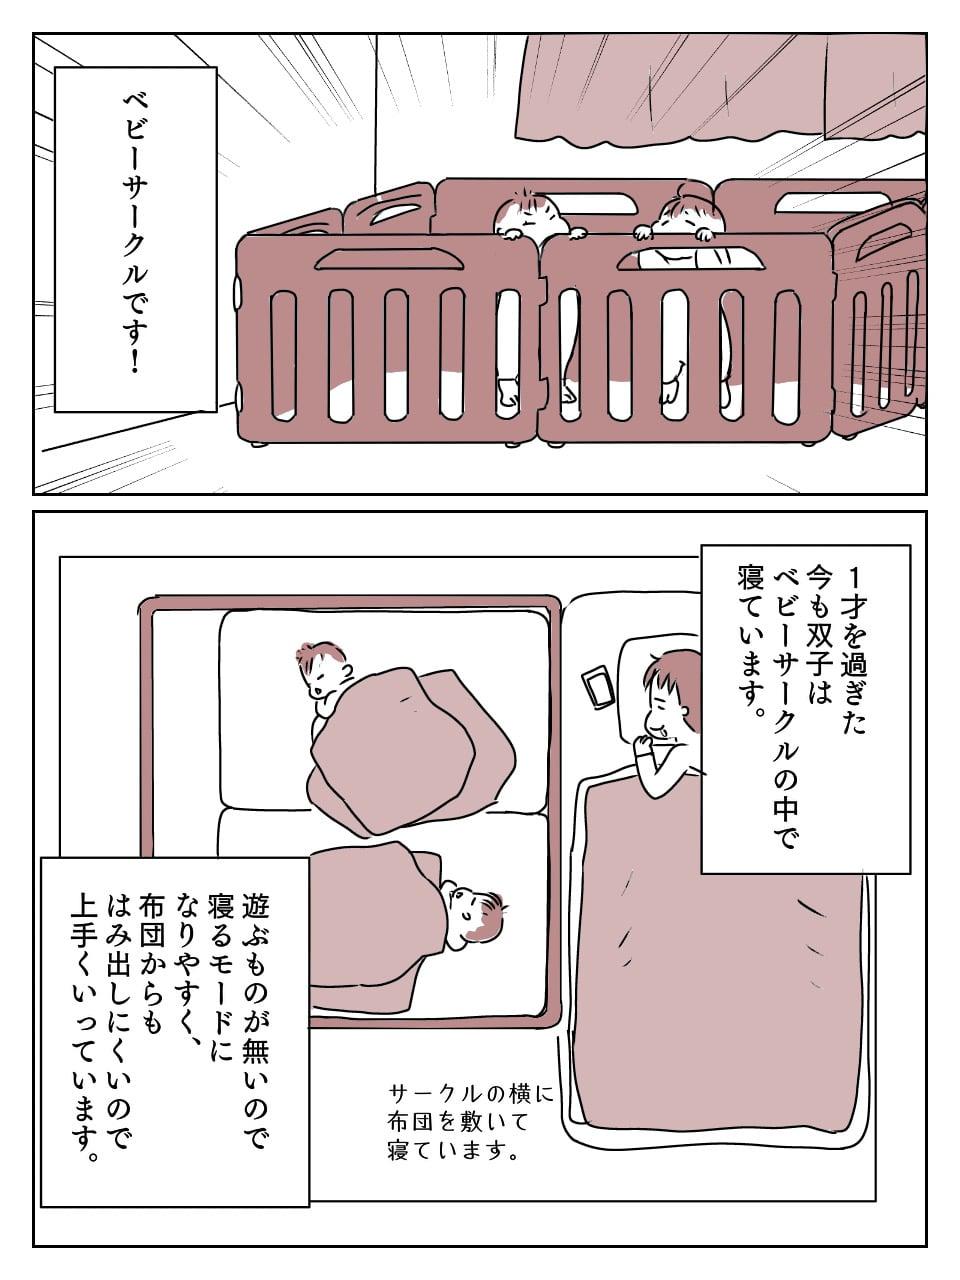 【双子出産ダイアリー17】